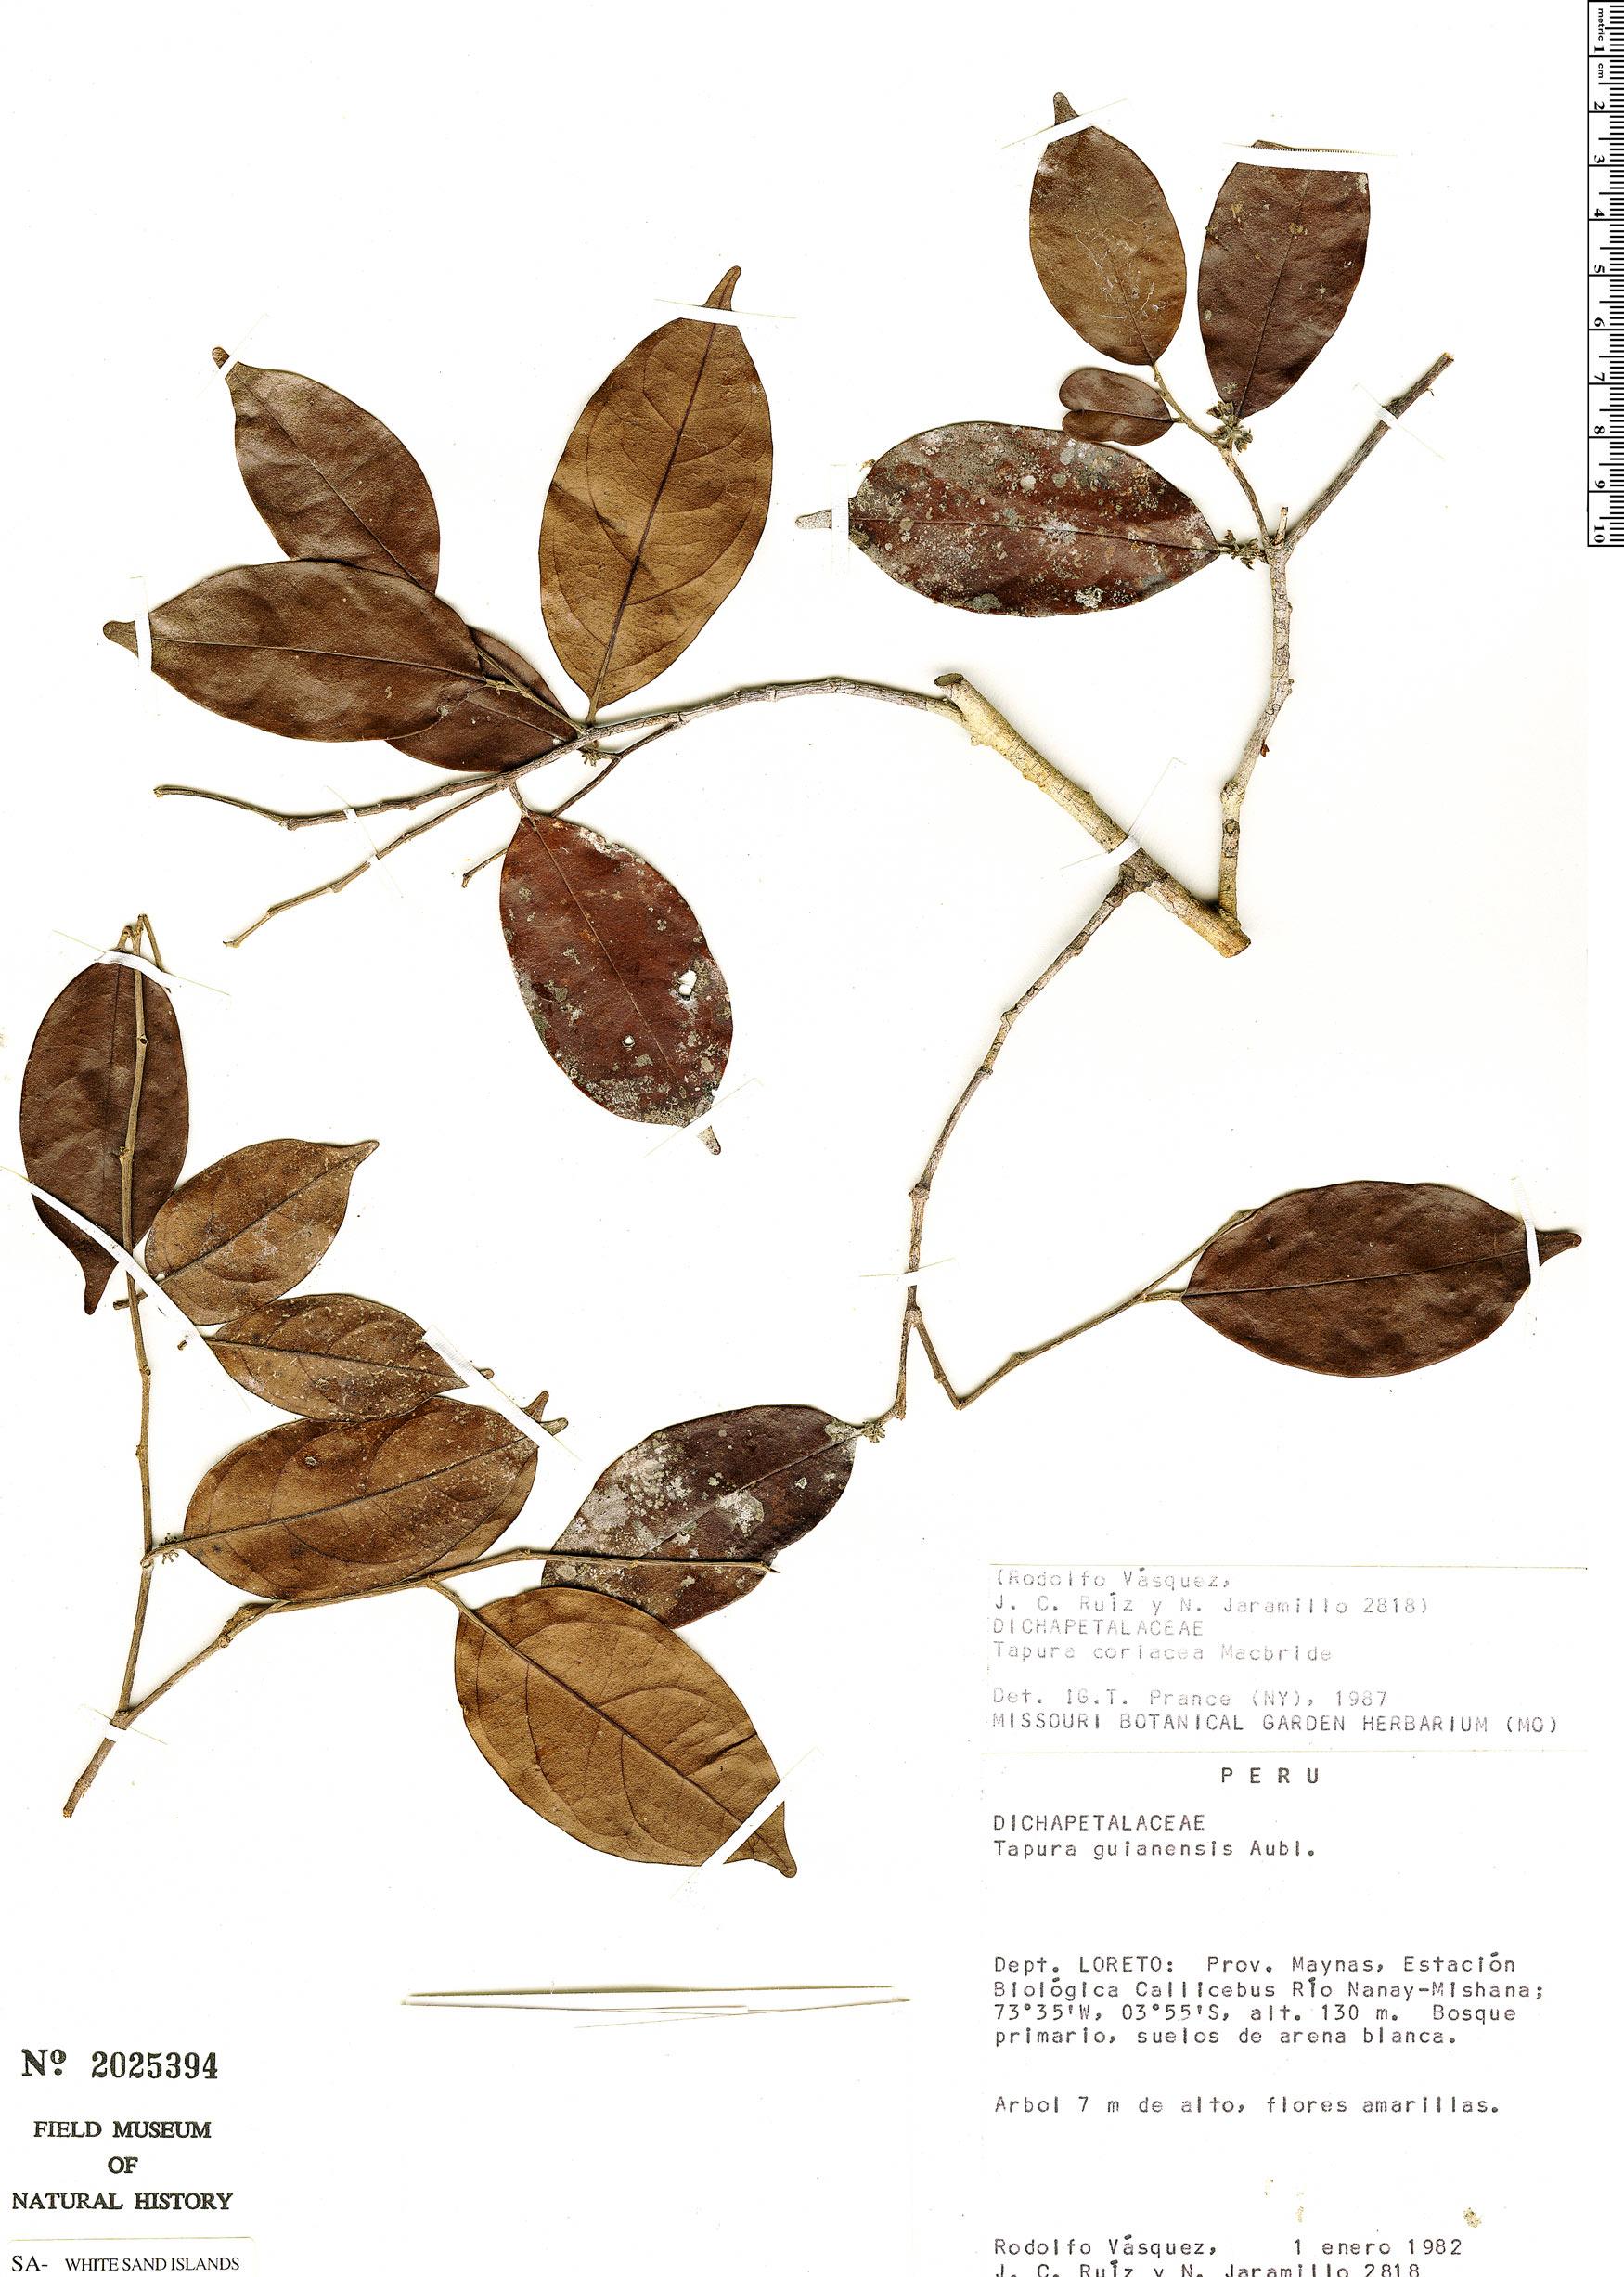 Specimen: Tapura coriacea